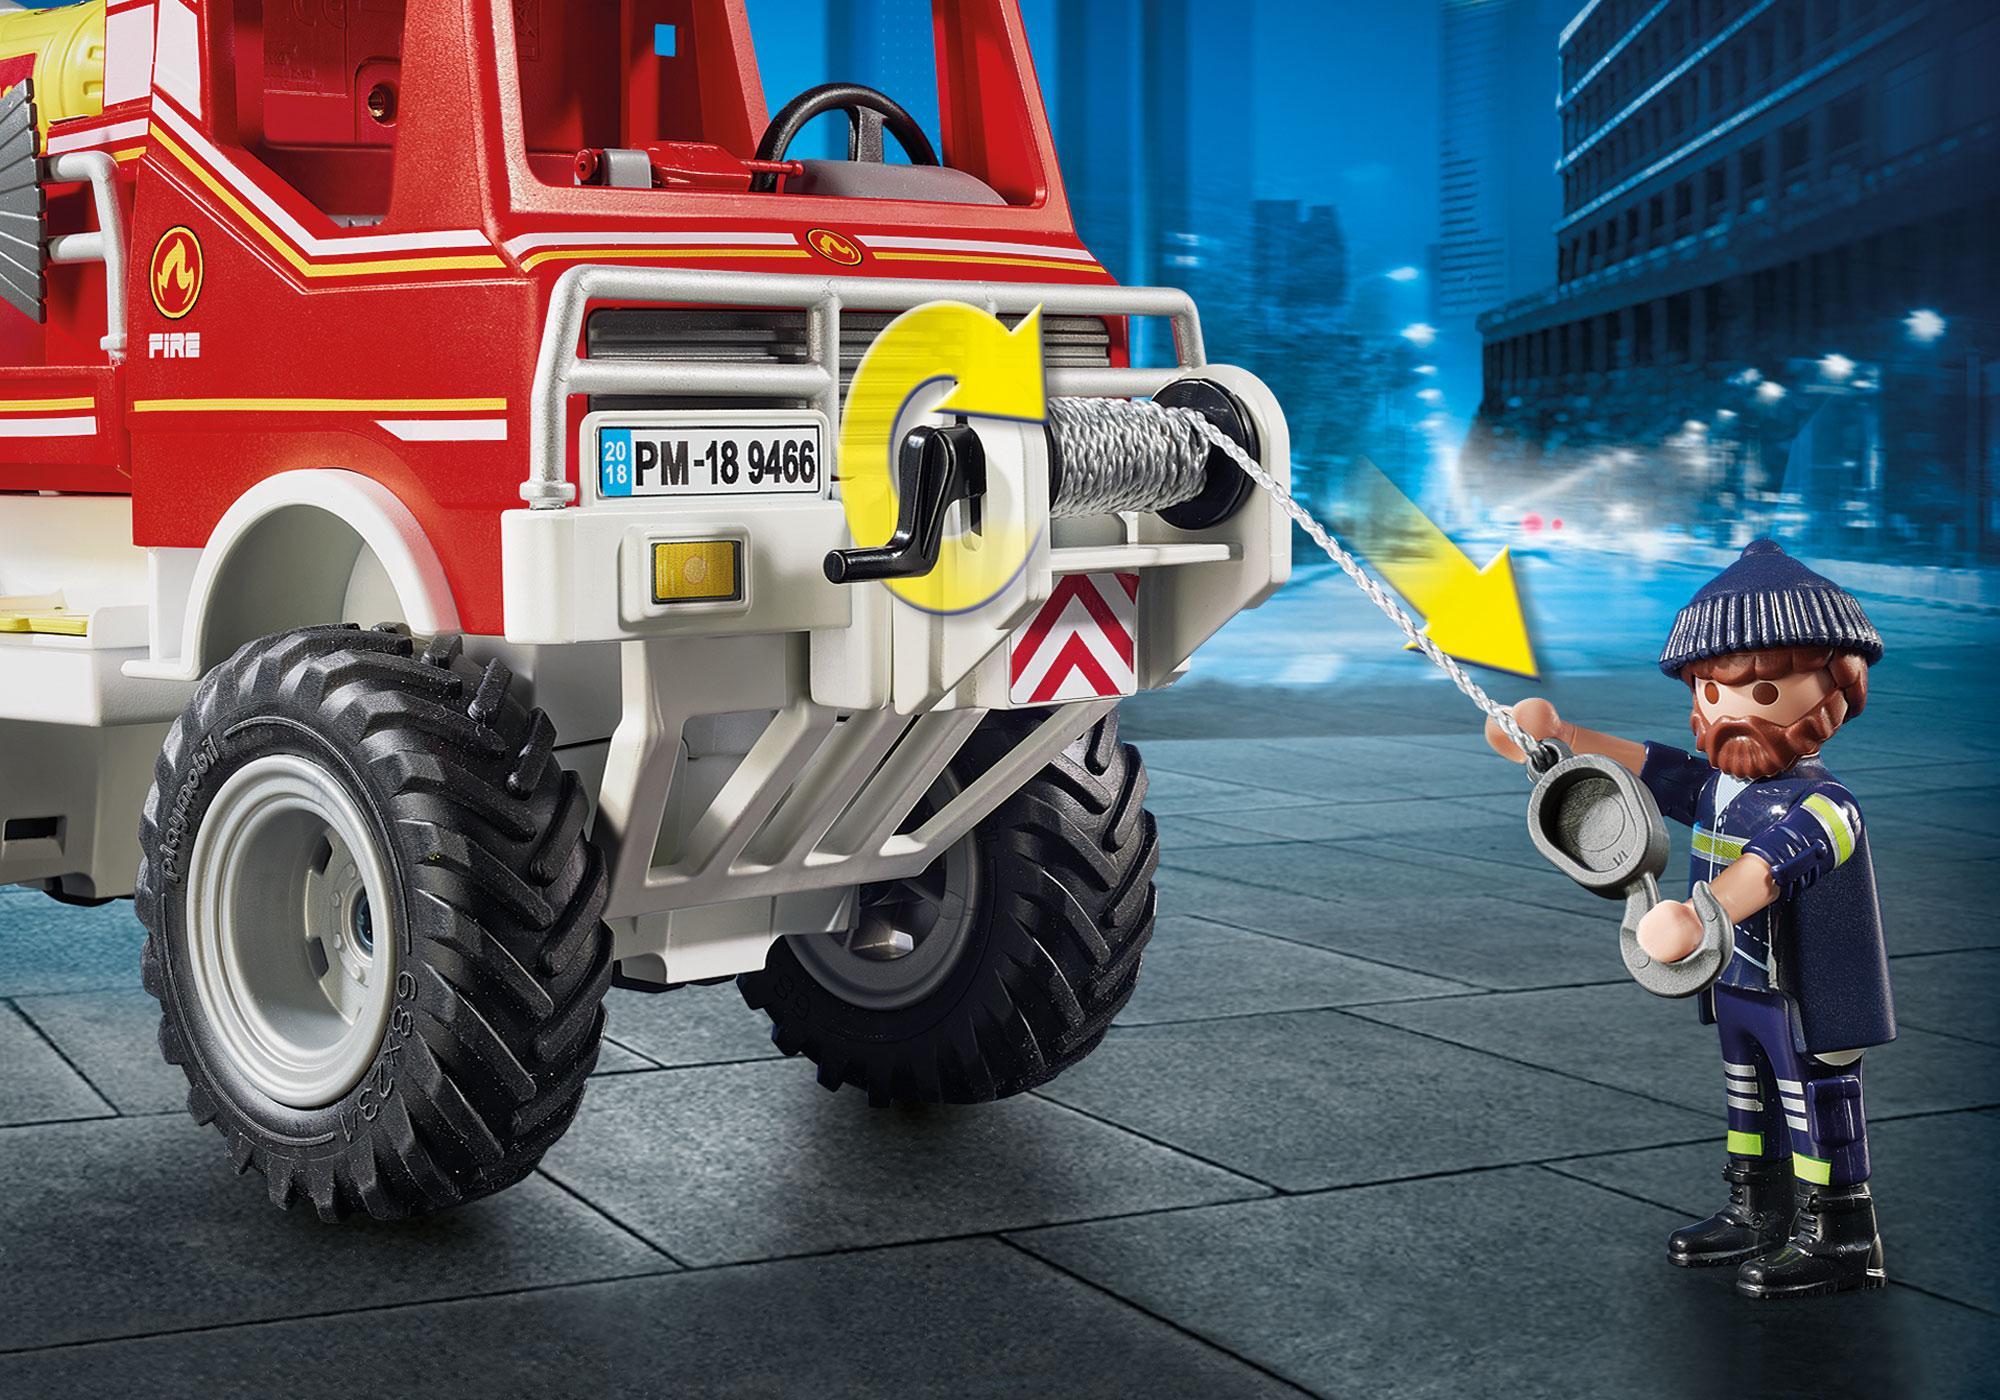 http://media.playmobil.com/i/playmobil/9466_product_extra1/Todo-o-Terreno dos Bombeiros